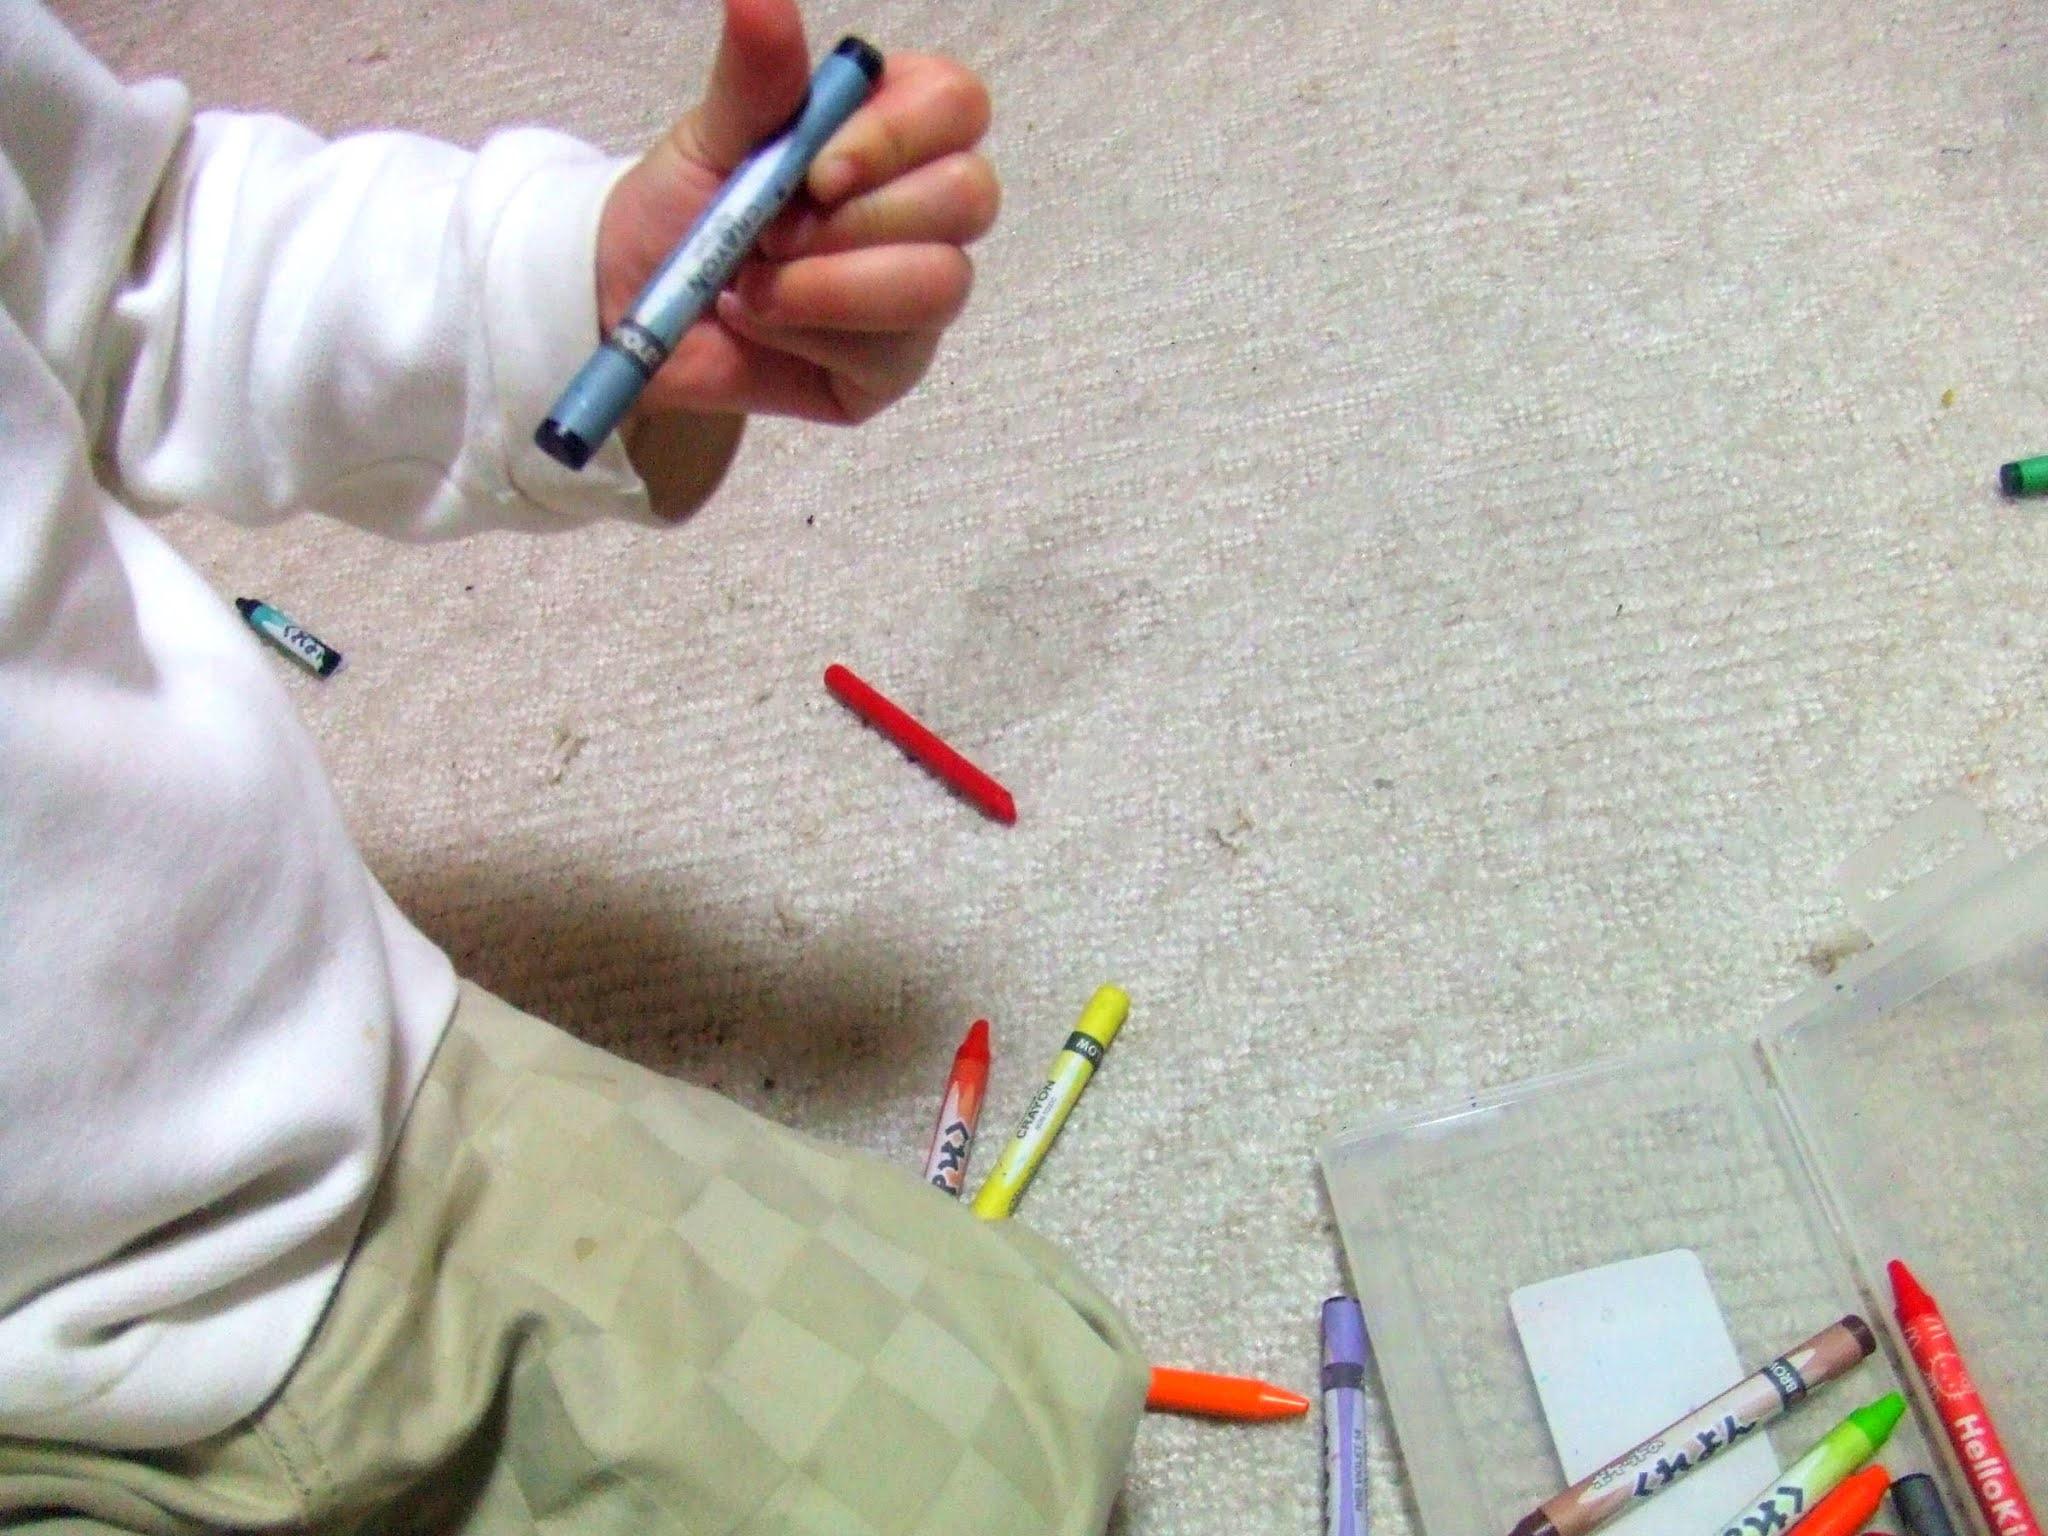 クレヨンを持つ小さな子供の写真素材。